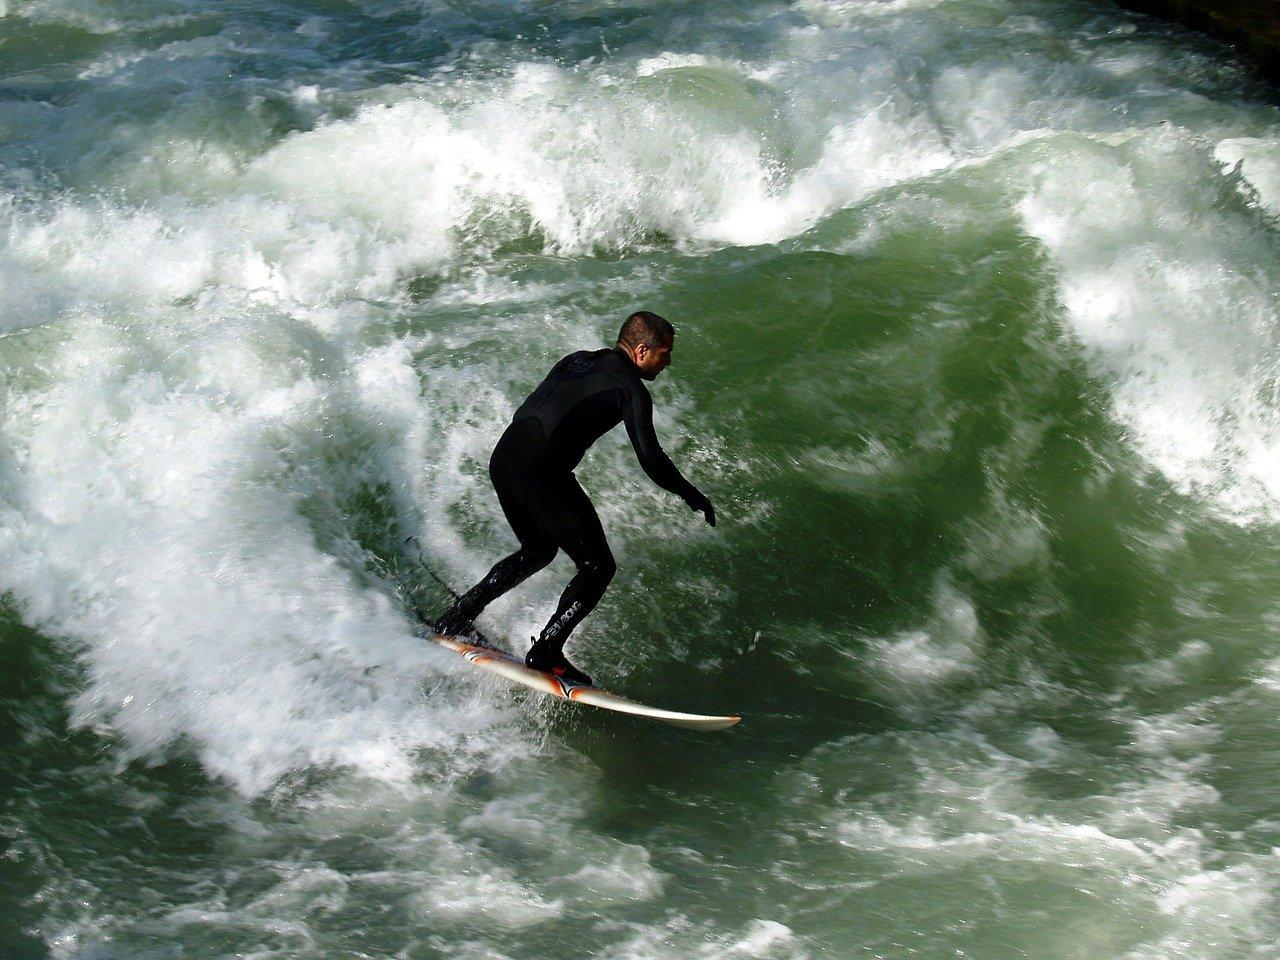 surf monaco di baviera